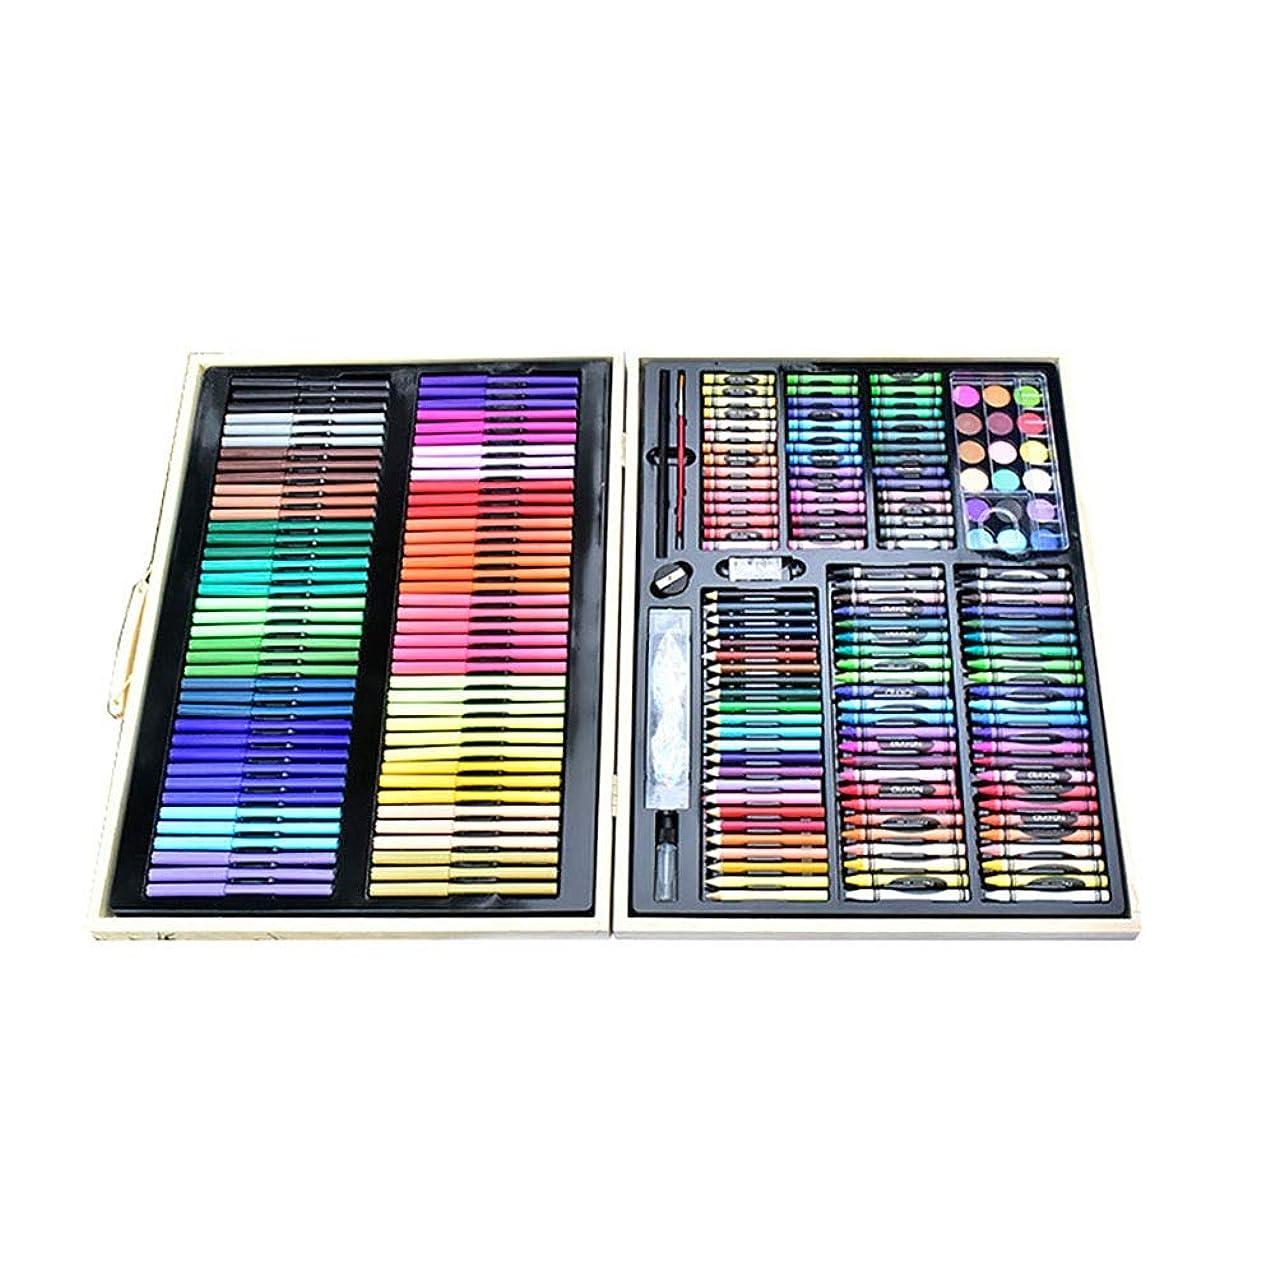 可動文房具裸アーティストペンセット 251ピース/セットキッズアート描画ツール水彩画ペン液体塗装キットペンセット 初心者およびジュニア向け (色 : Black, Size : Free size)